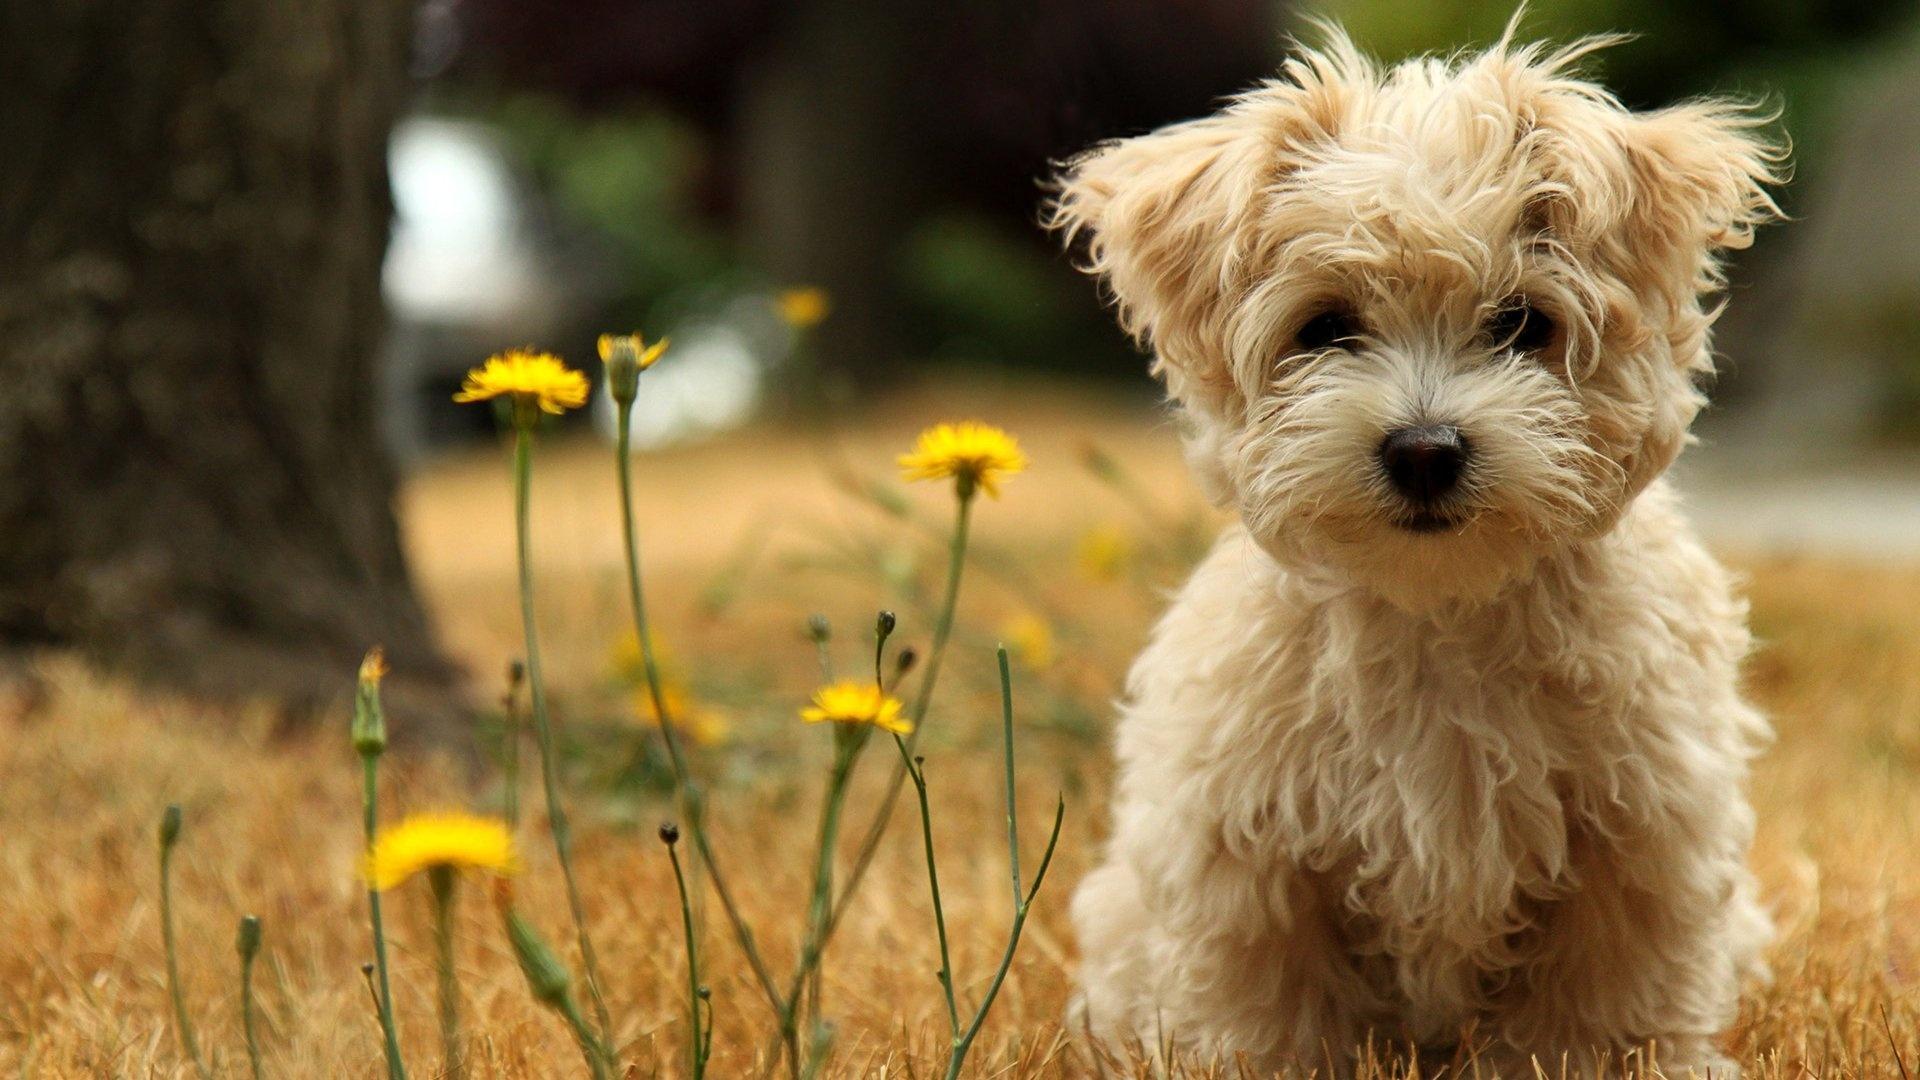 1920x1080-puppy-grass-flowers-face-wallpaper-wpc5801028